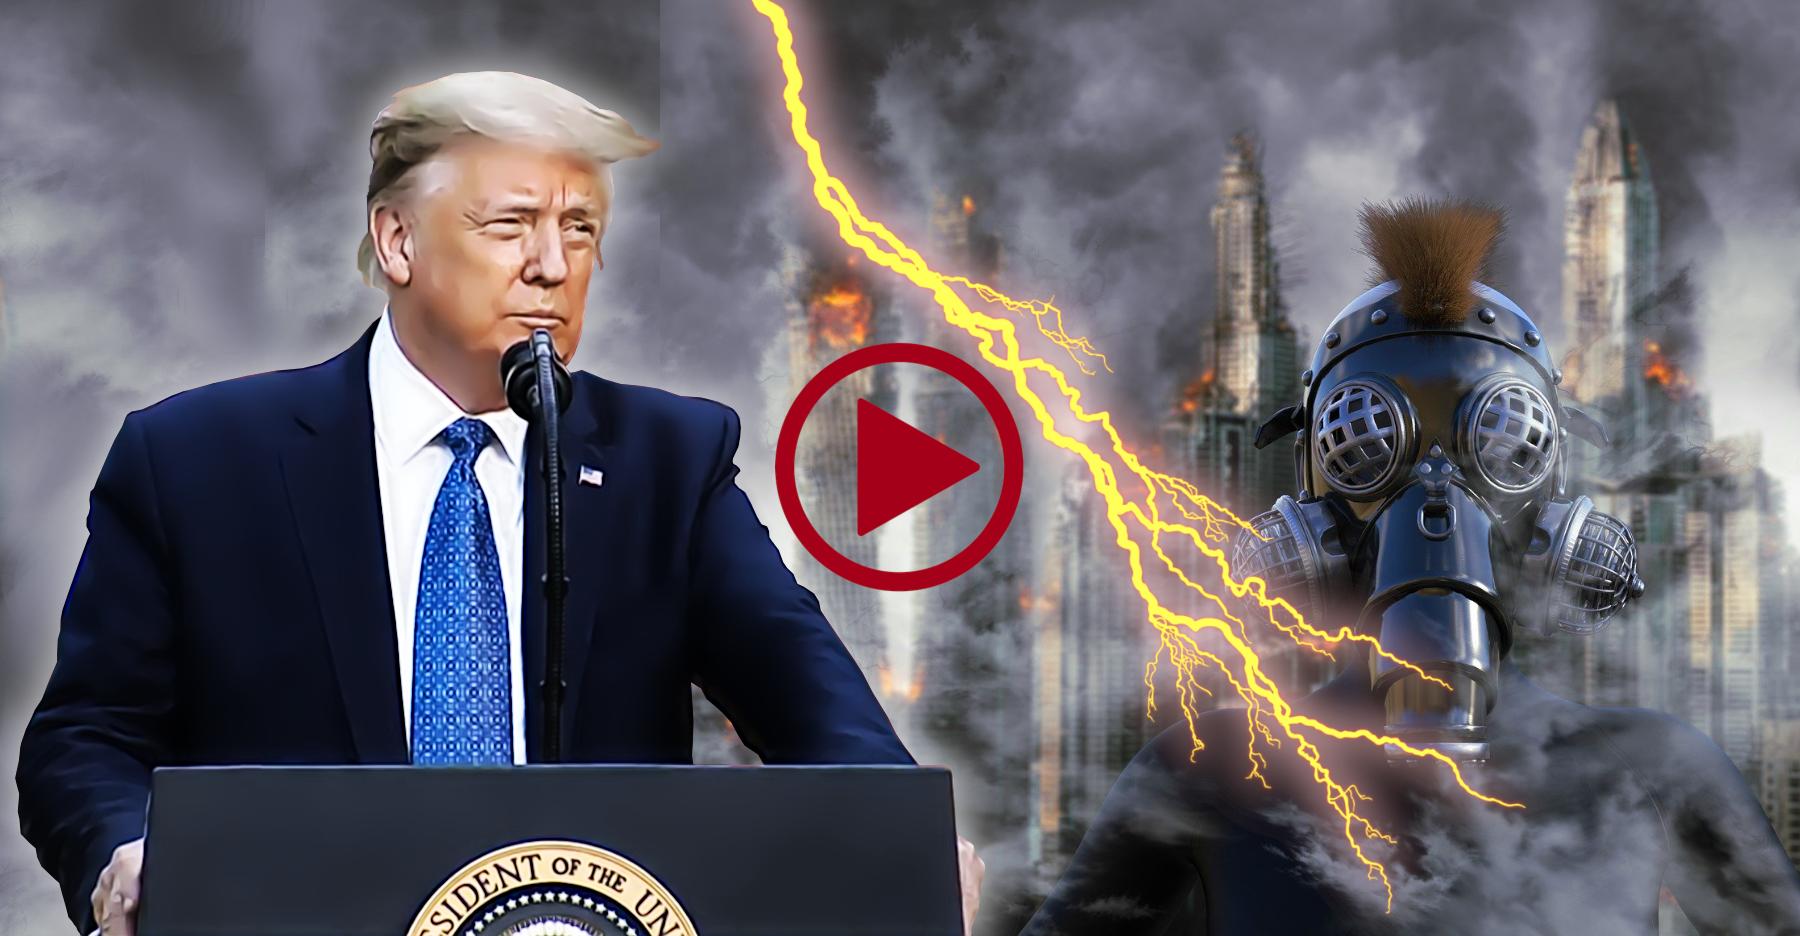 Donald Trump Pour Mettre Fin à La Violence